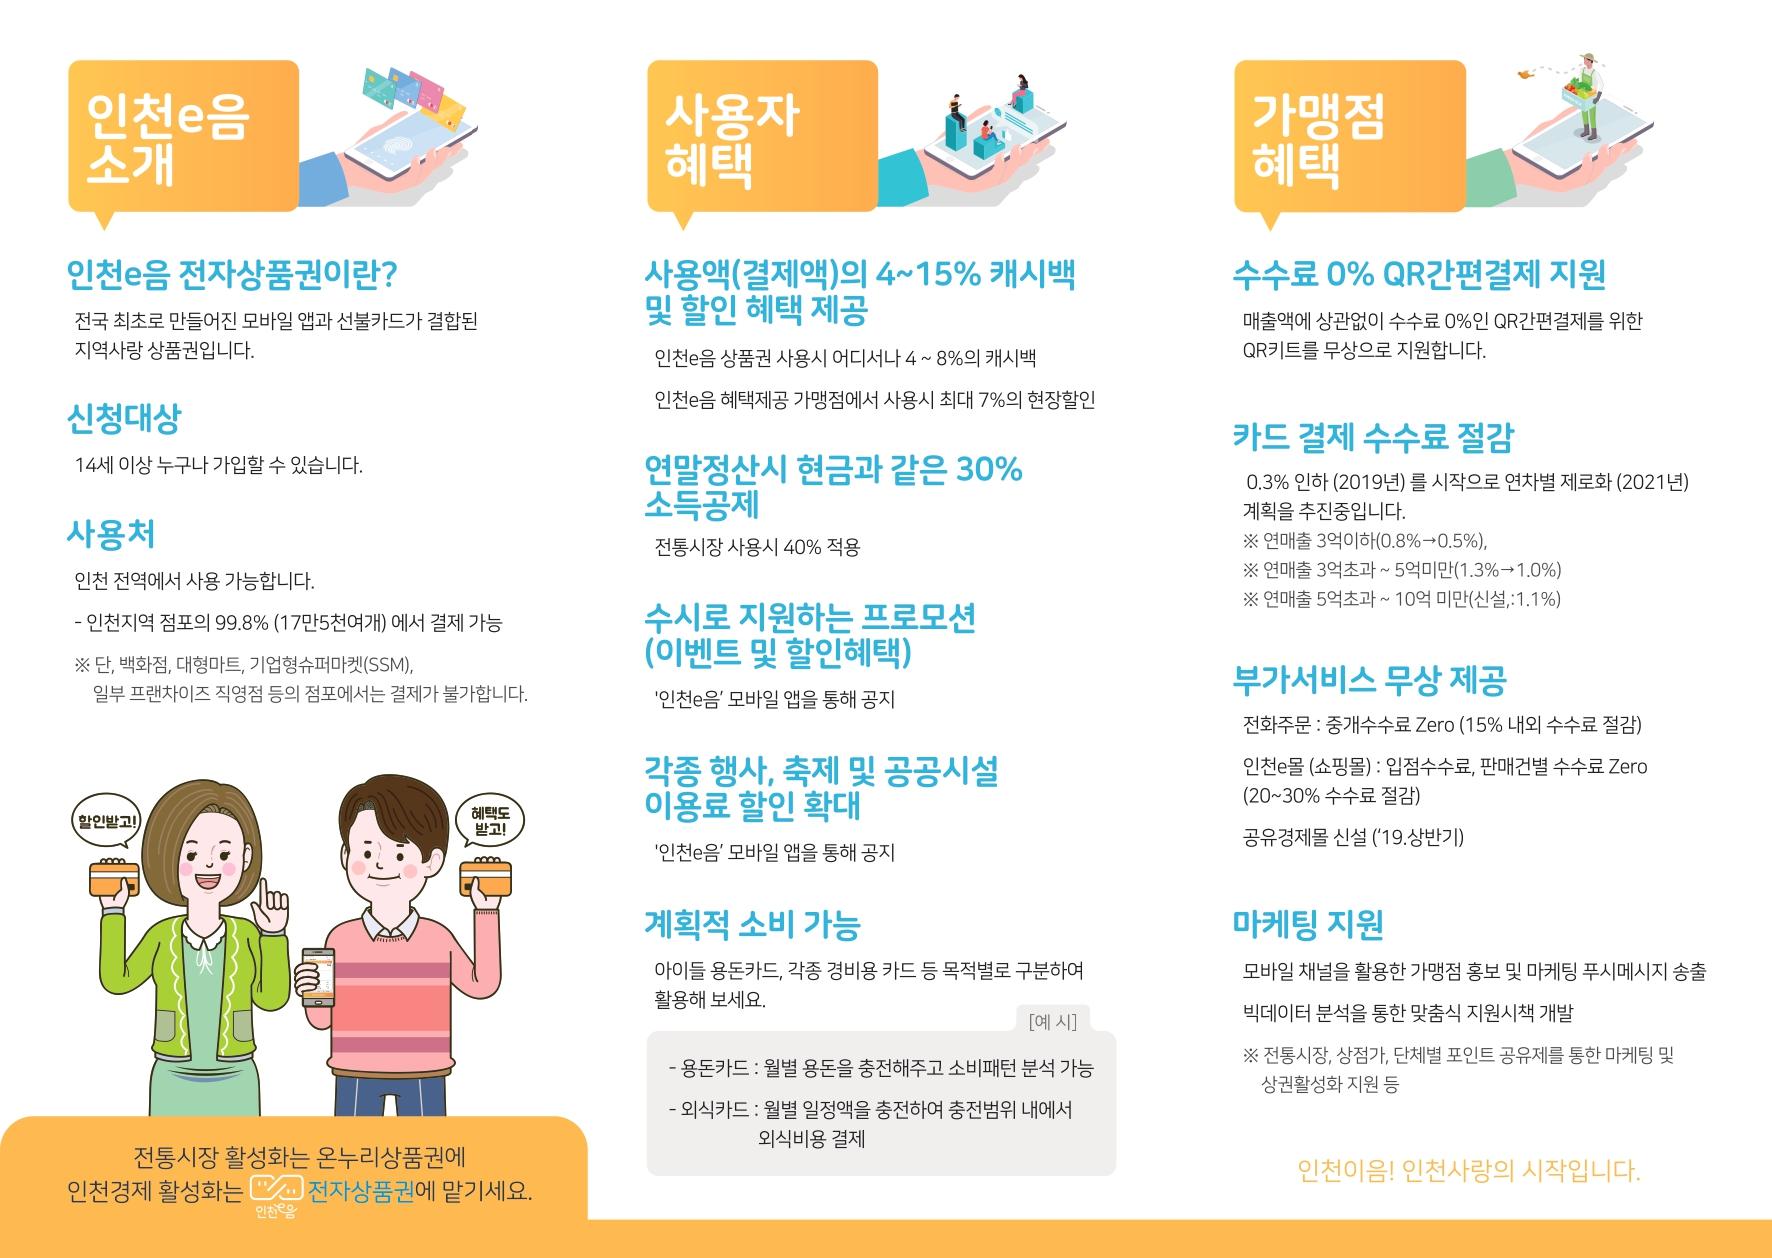 인천e음_전자상품권_리플릿 (2)